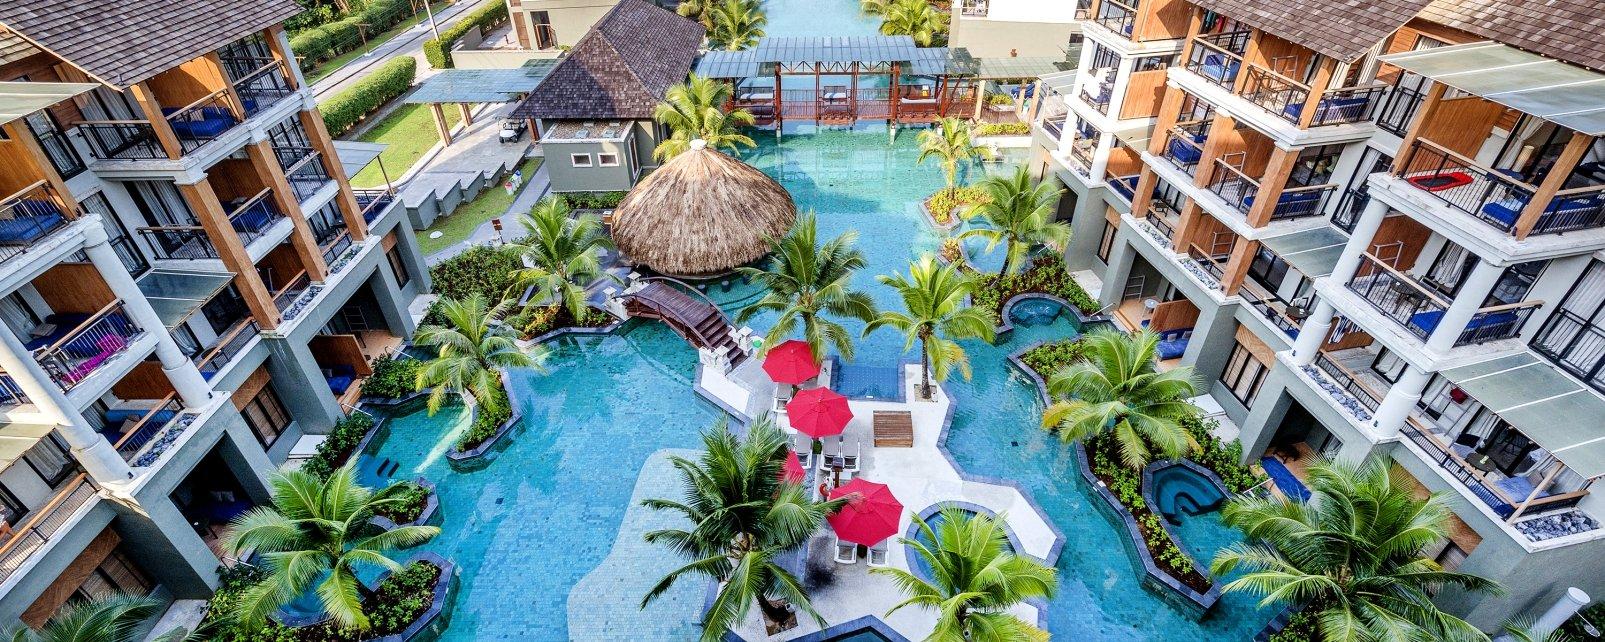 Family Life Mai Khao Lak Beach Resort Spa